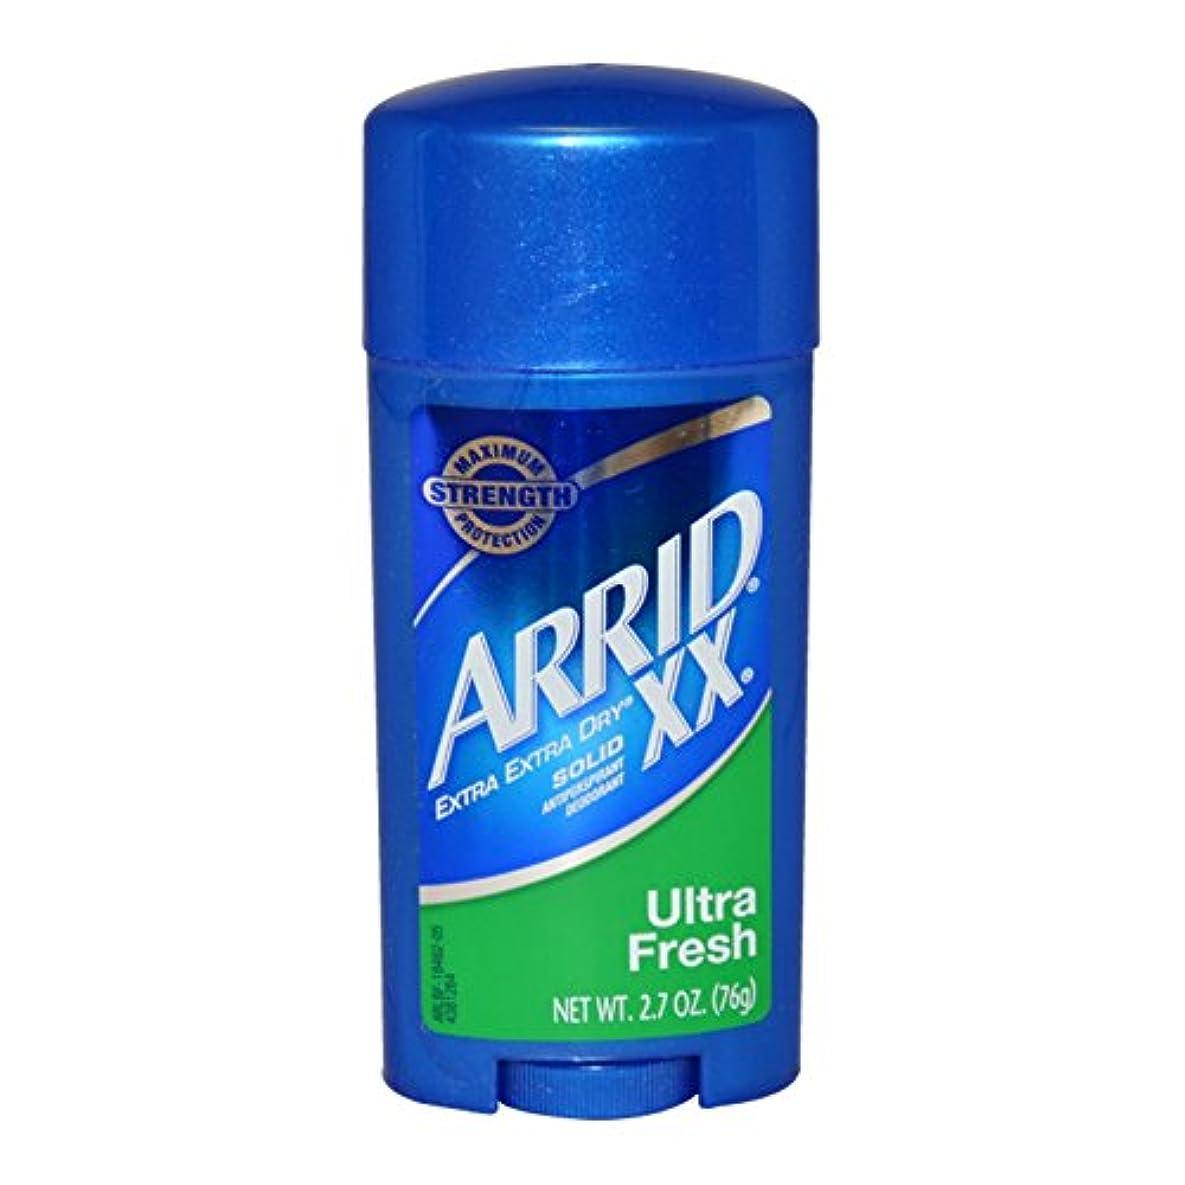 落ち着く思われる分子Arrid XX Antiperspirant Deodorant, Solid, Ultra Fresh - 2.7 oz (76 g) アリッド デオドラントソリッドウルトラフレッシュ [並行輸入品]